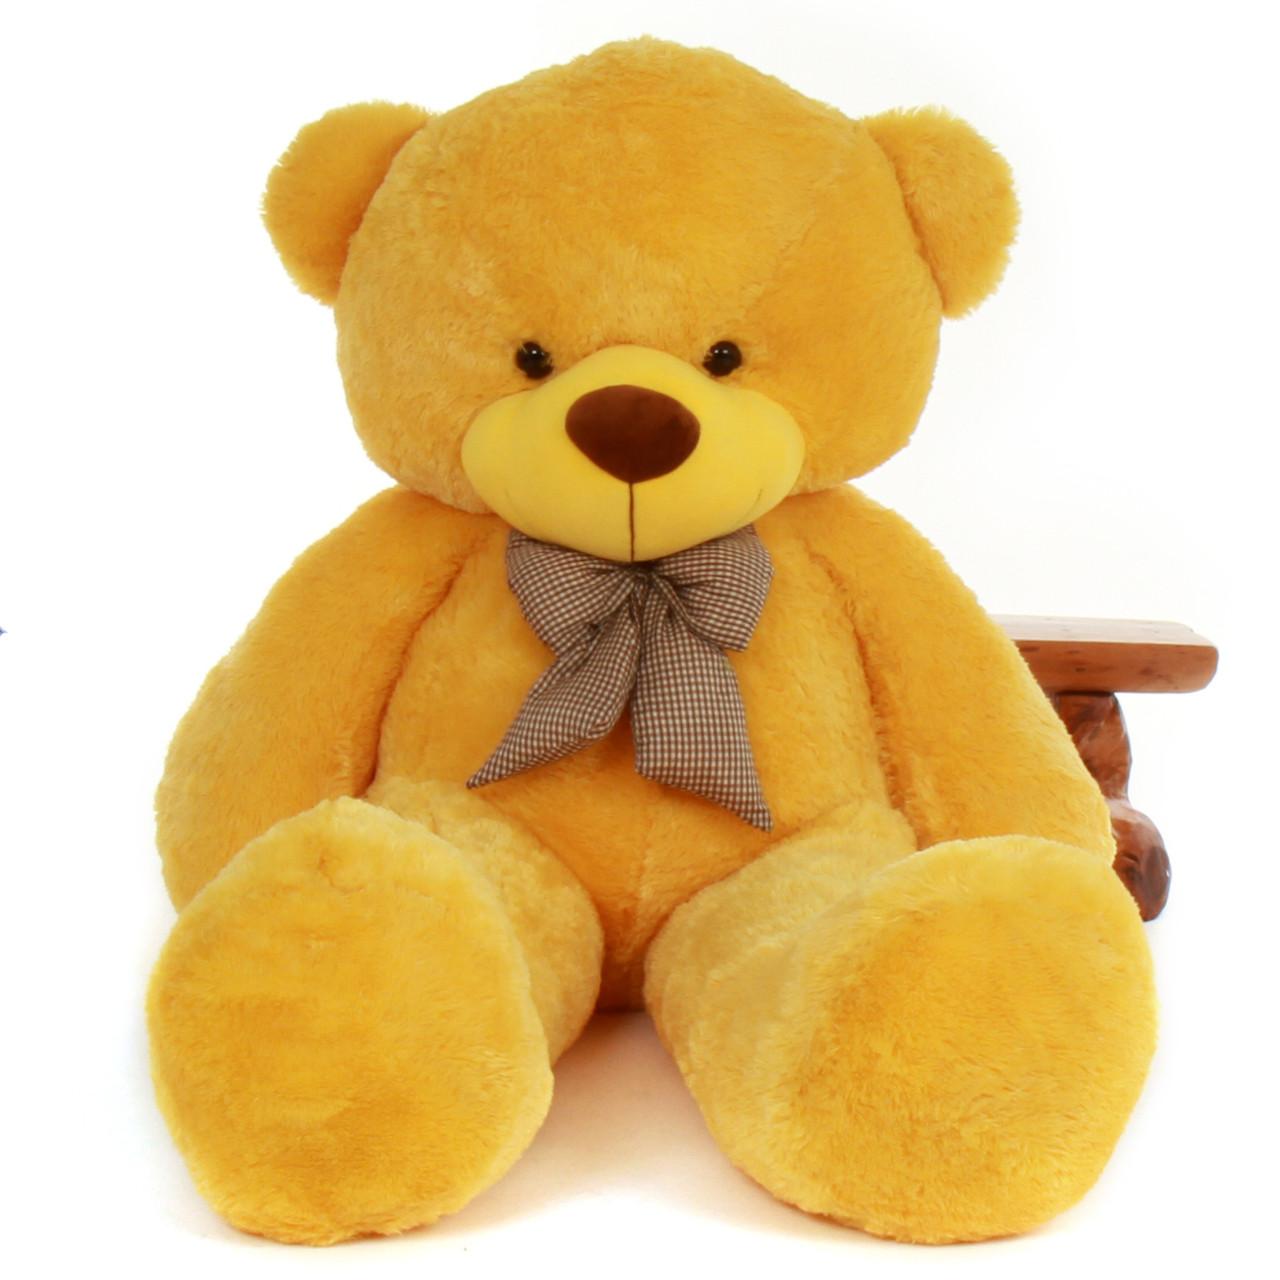 6ft Life Size Yellow Teddy Bear Daisy Cuddles Giant Teddy Brand